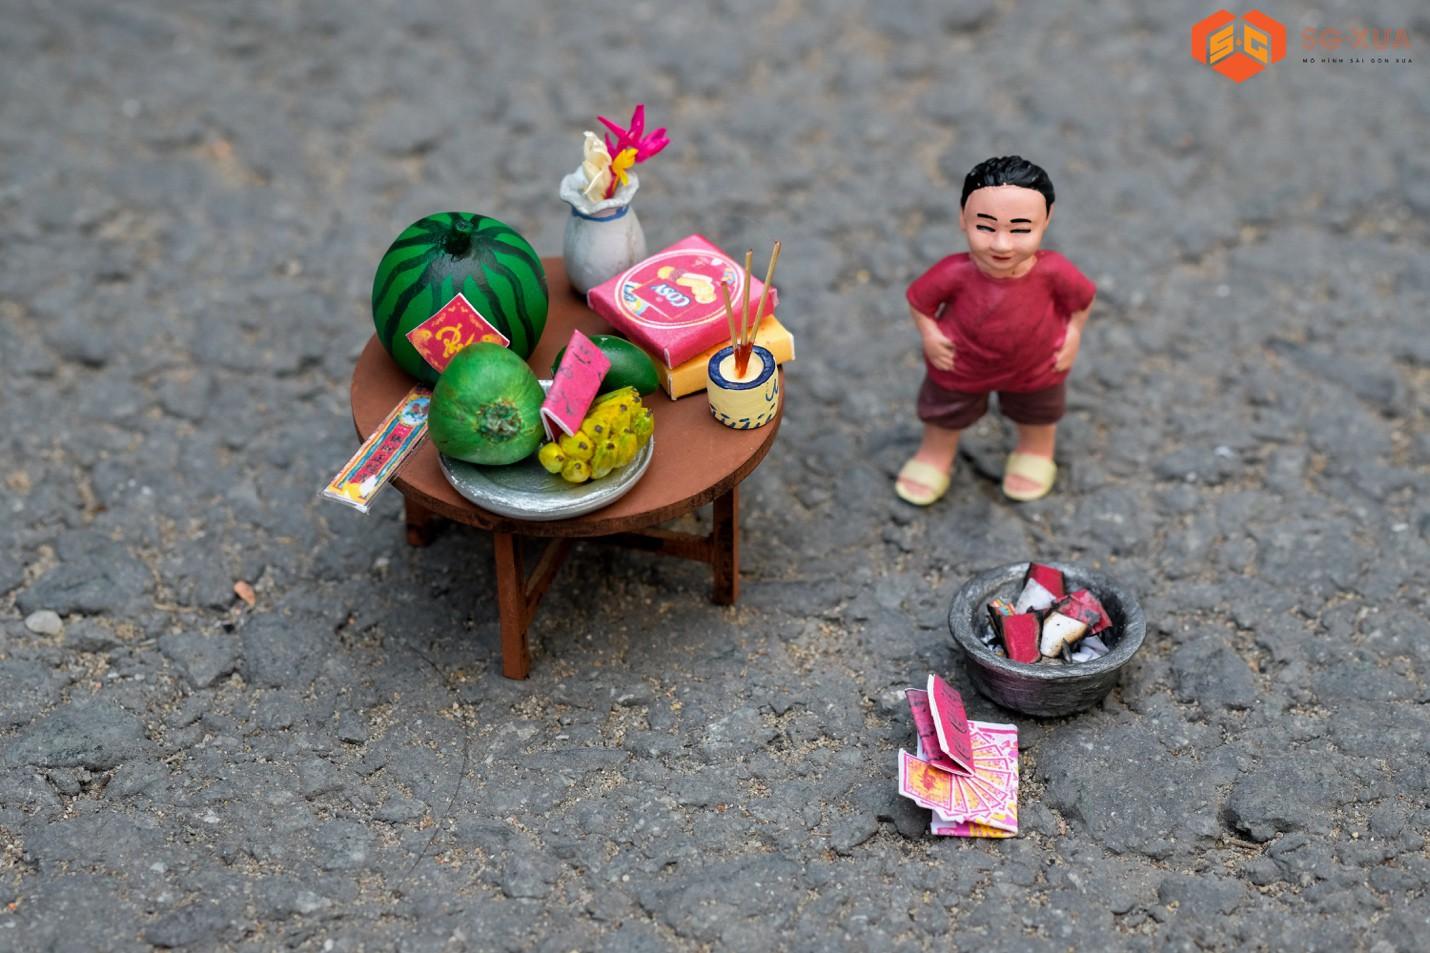 Giới trẻ Sài Gòn đua nhau mua hoài niệm về Tết - Ảnh 5.